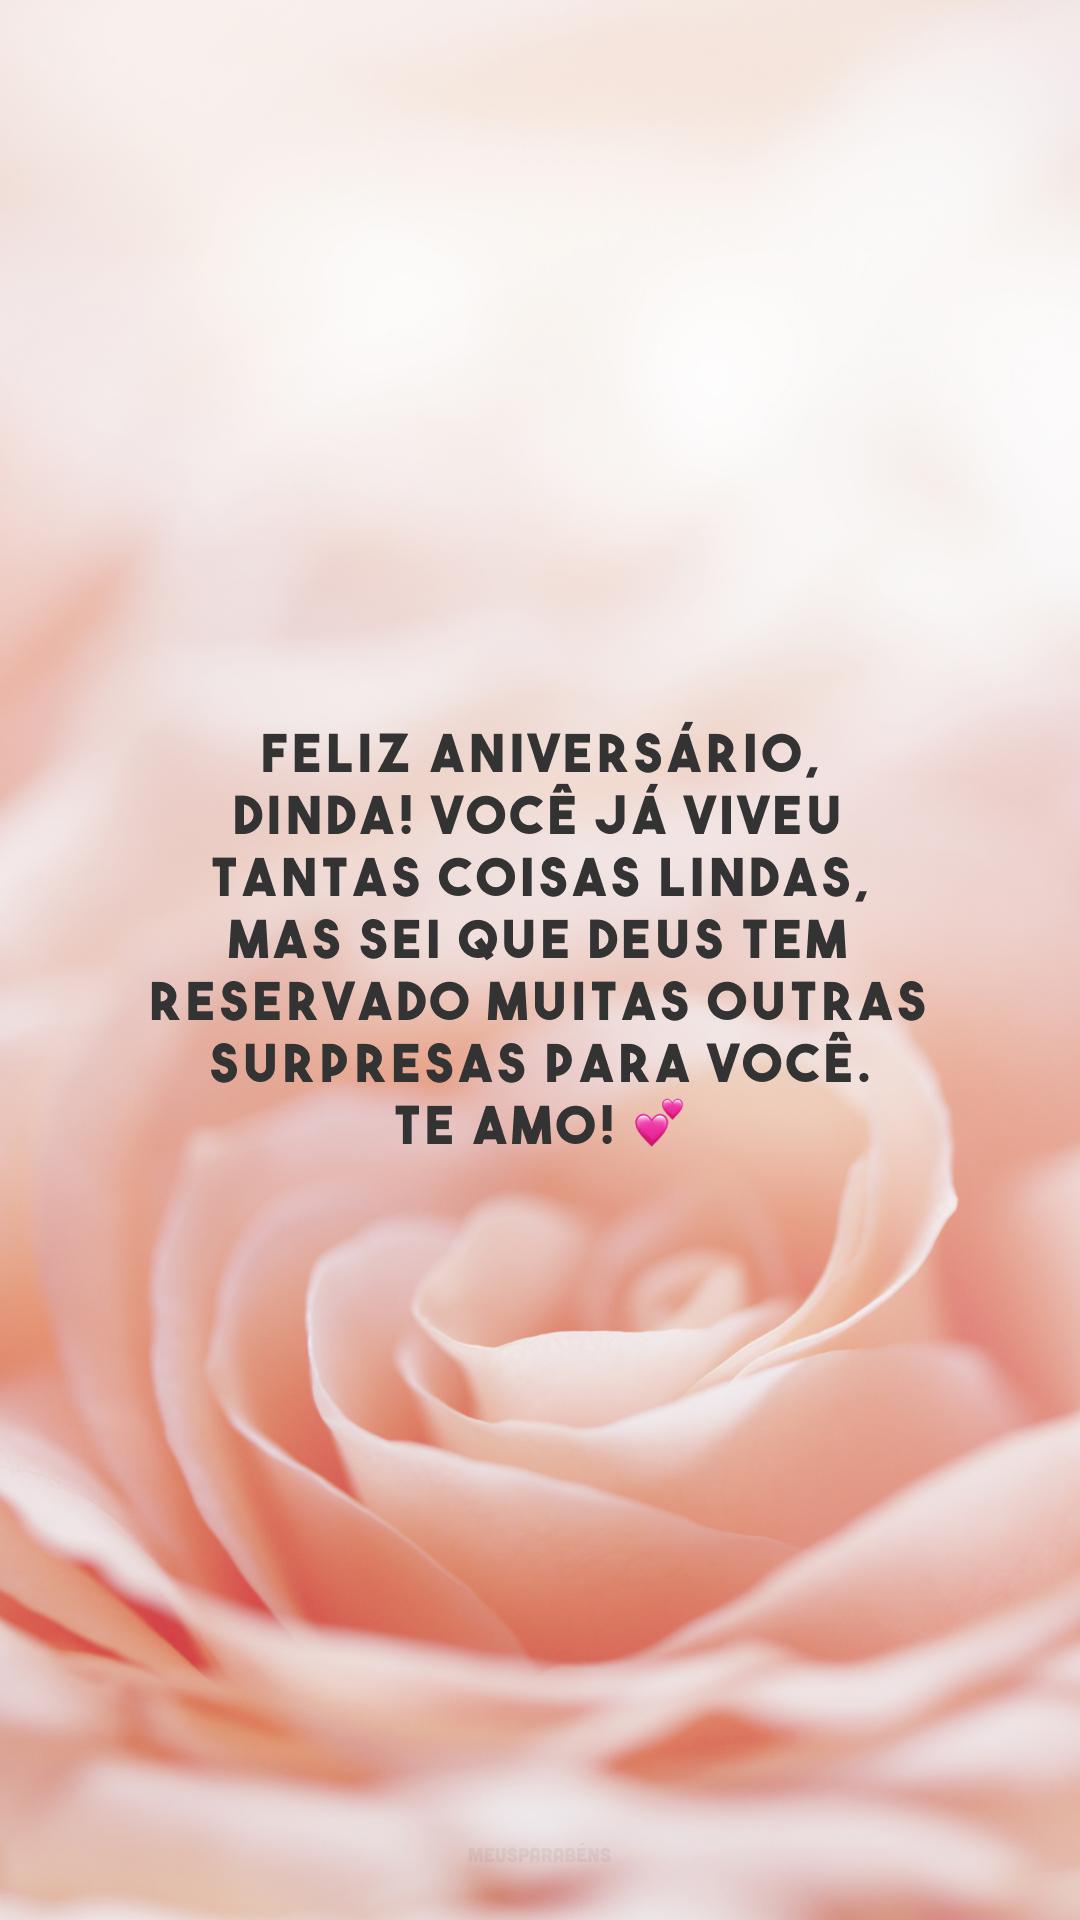 Feliz aniversário, dinda! Você já viveu tantas coisas lindas, mas sei que Deus tem reservado muitas outras surpresas para você. Te amo! 💕